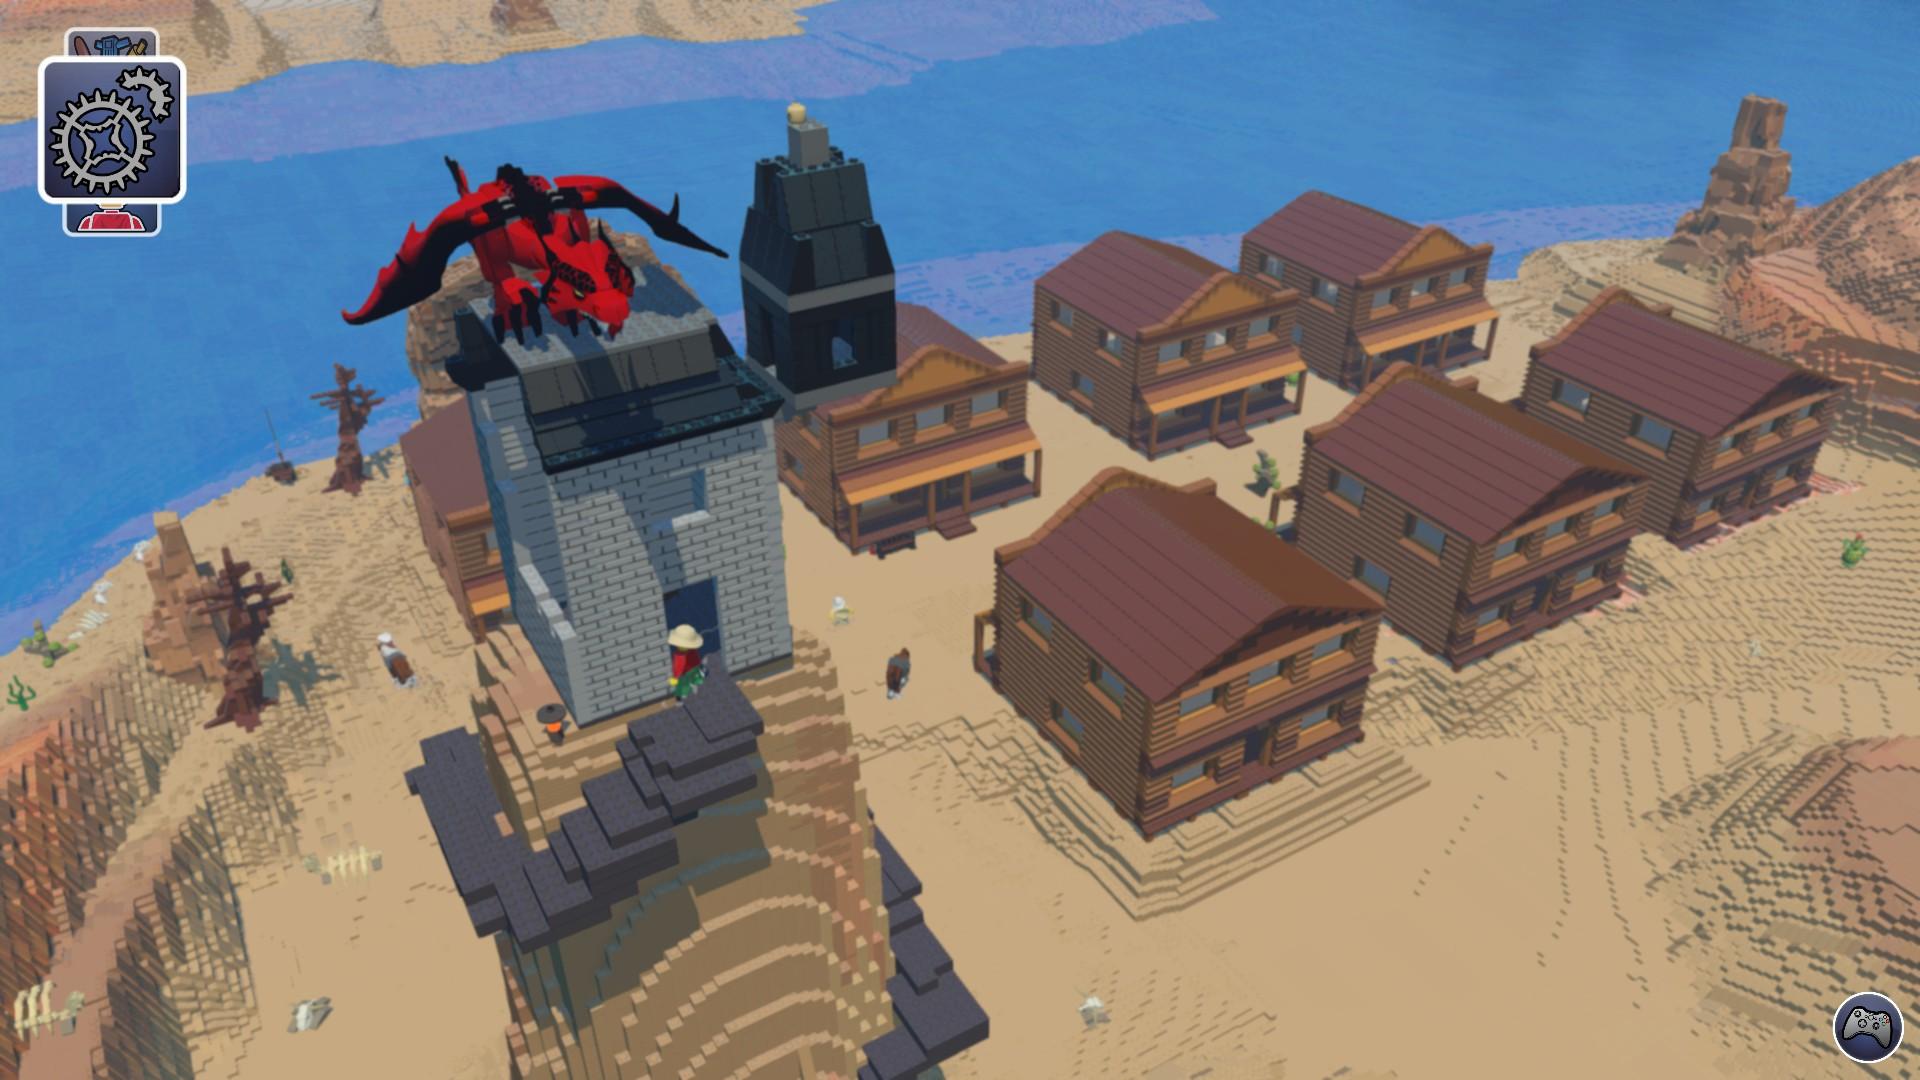 Screenshot: Eine LEGO-Westernstadt in einer Wüstenlandschaft. Auf einem Steinturm sitzt ein roter LEGO-Drache